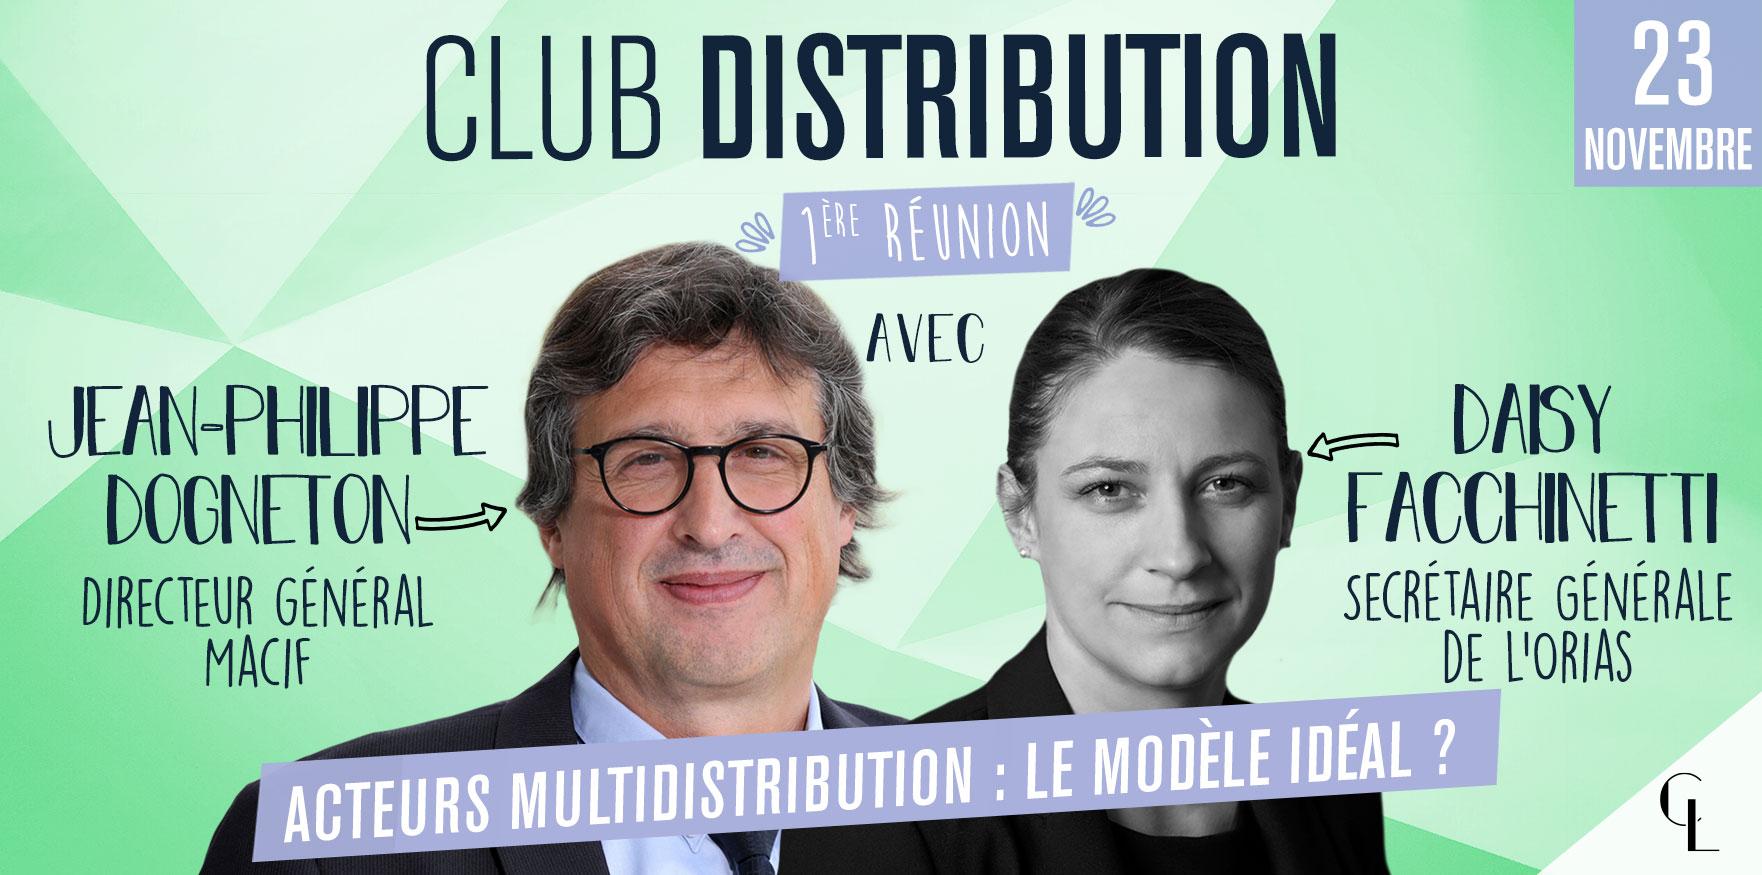 Club Distribution